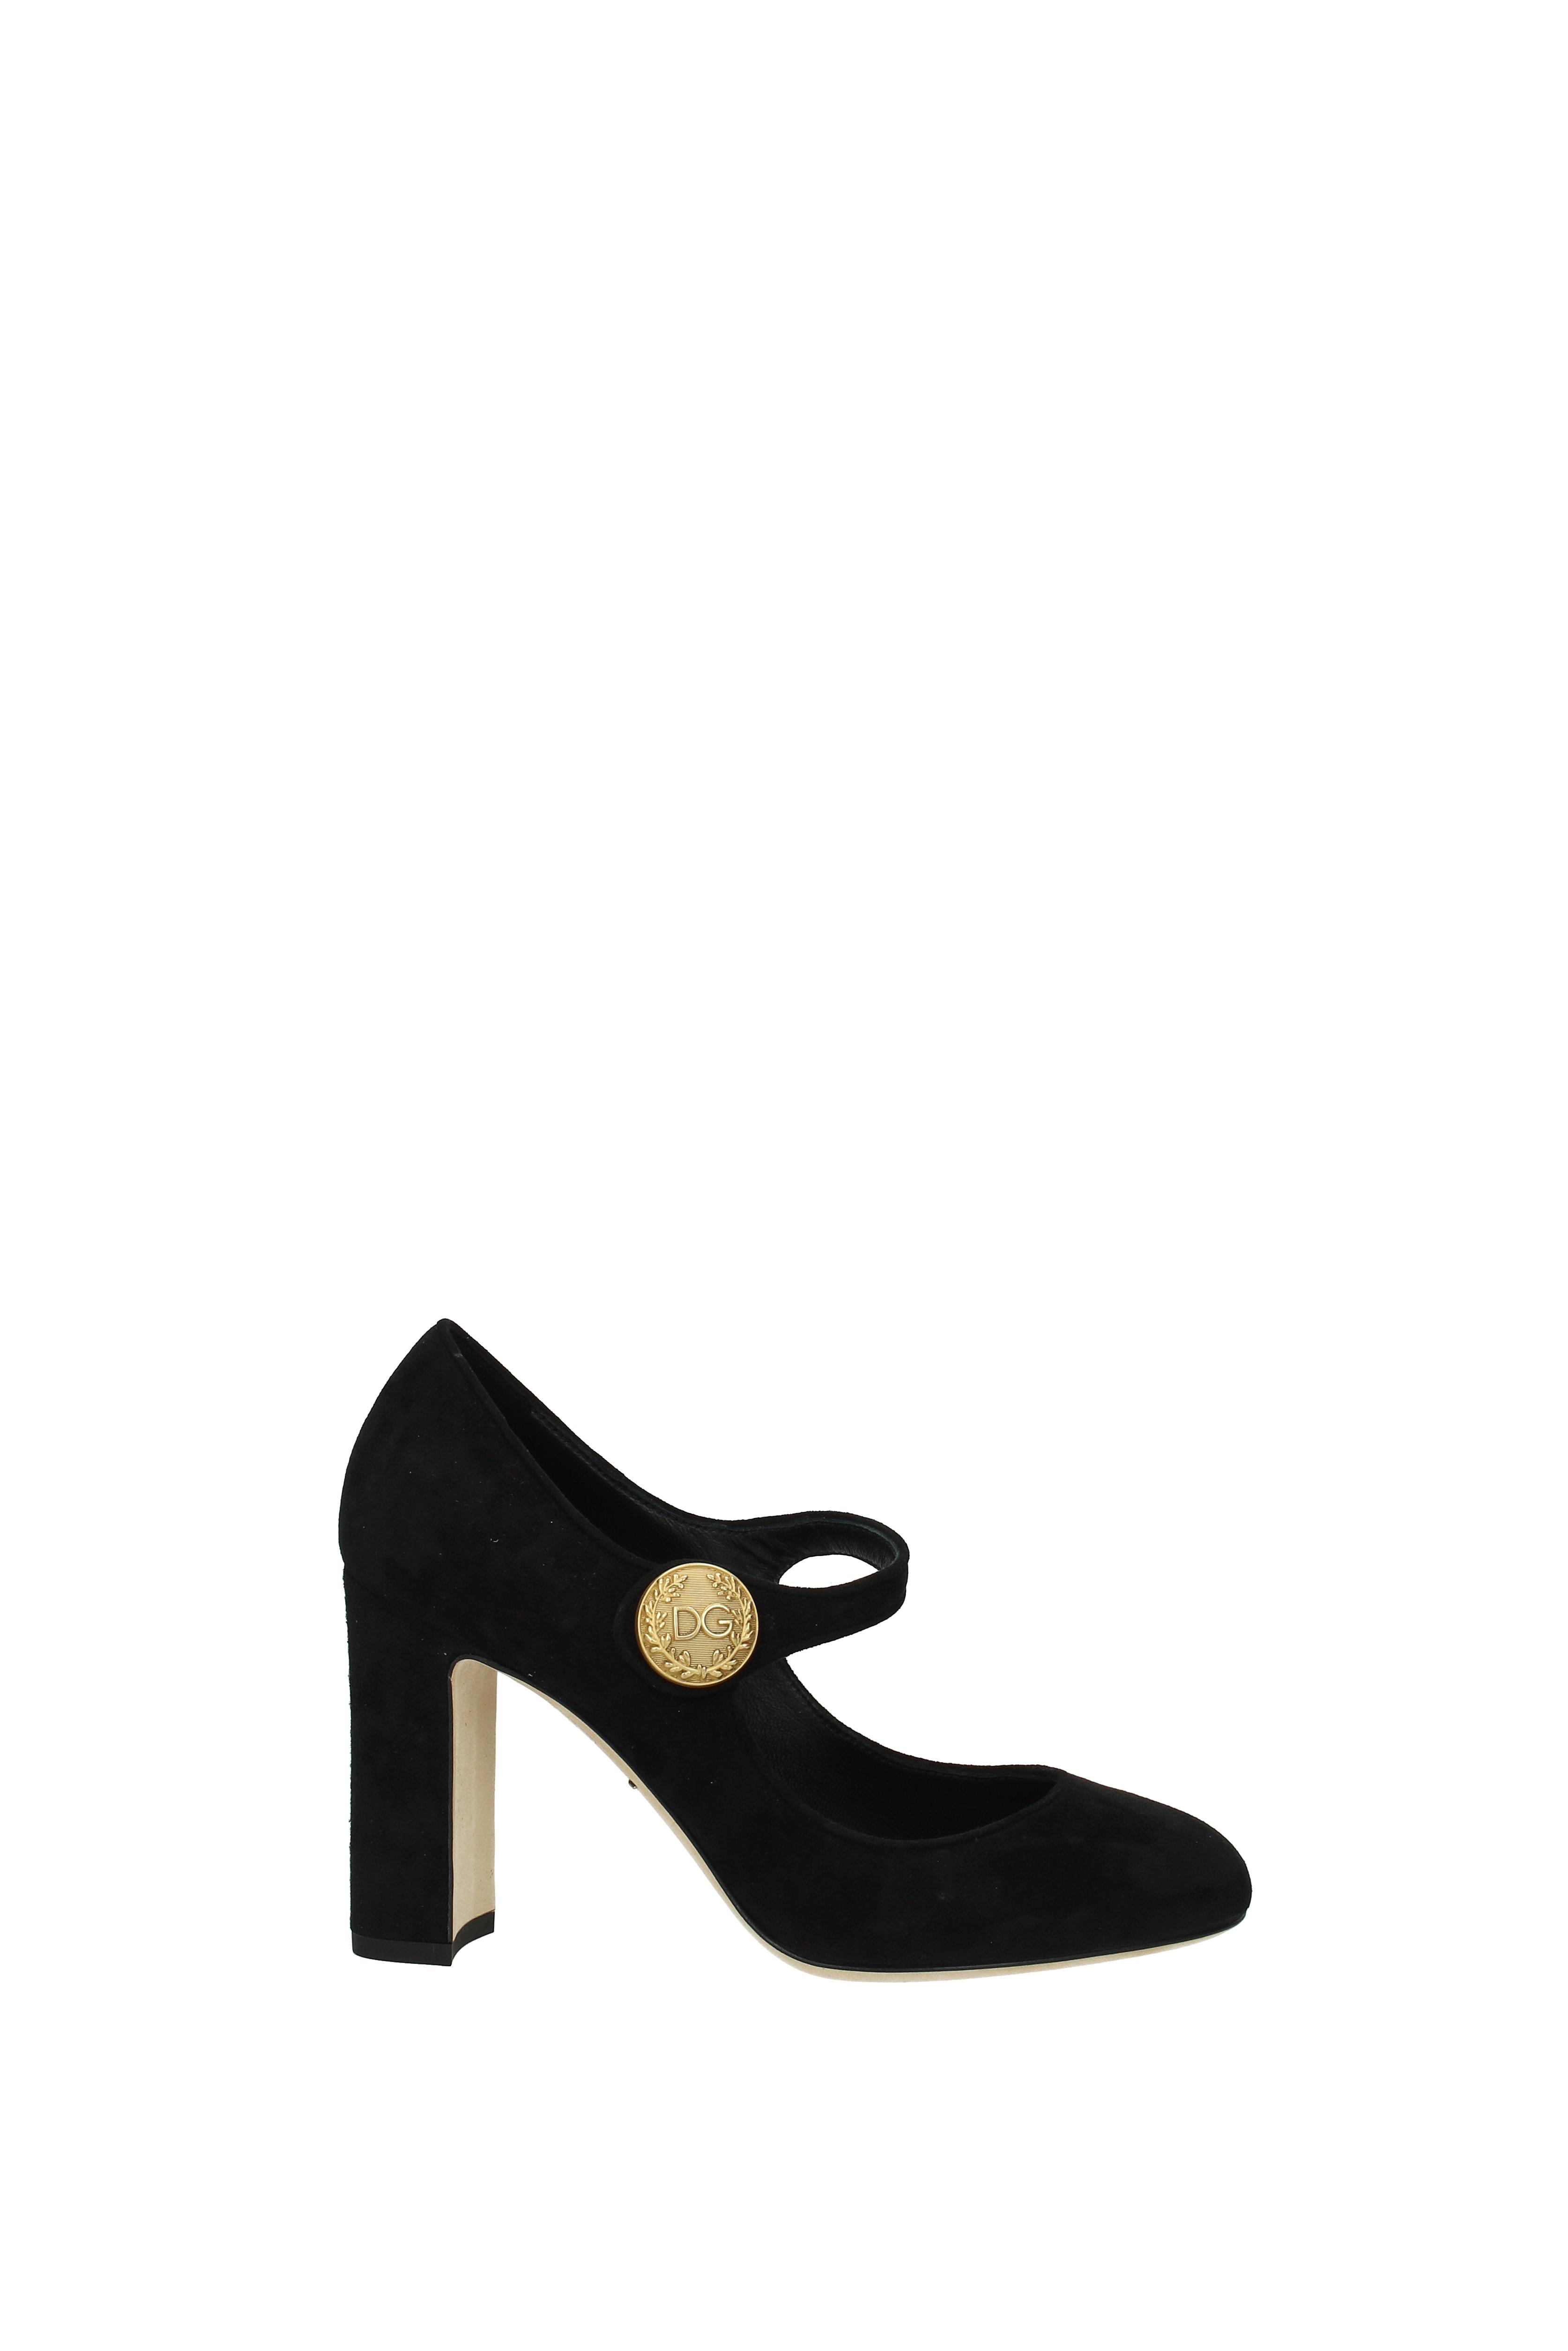 Pumps Dolce&Gabbana Dolce&Gabbana Pumps Damen - Wildleder (CD0883A1275) 0a4179